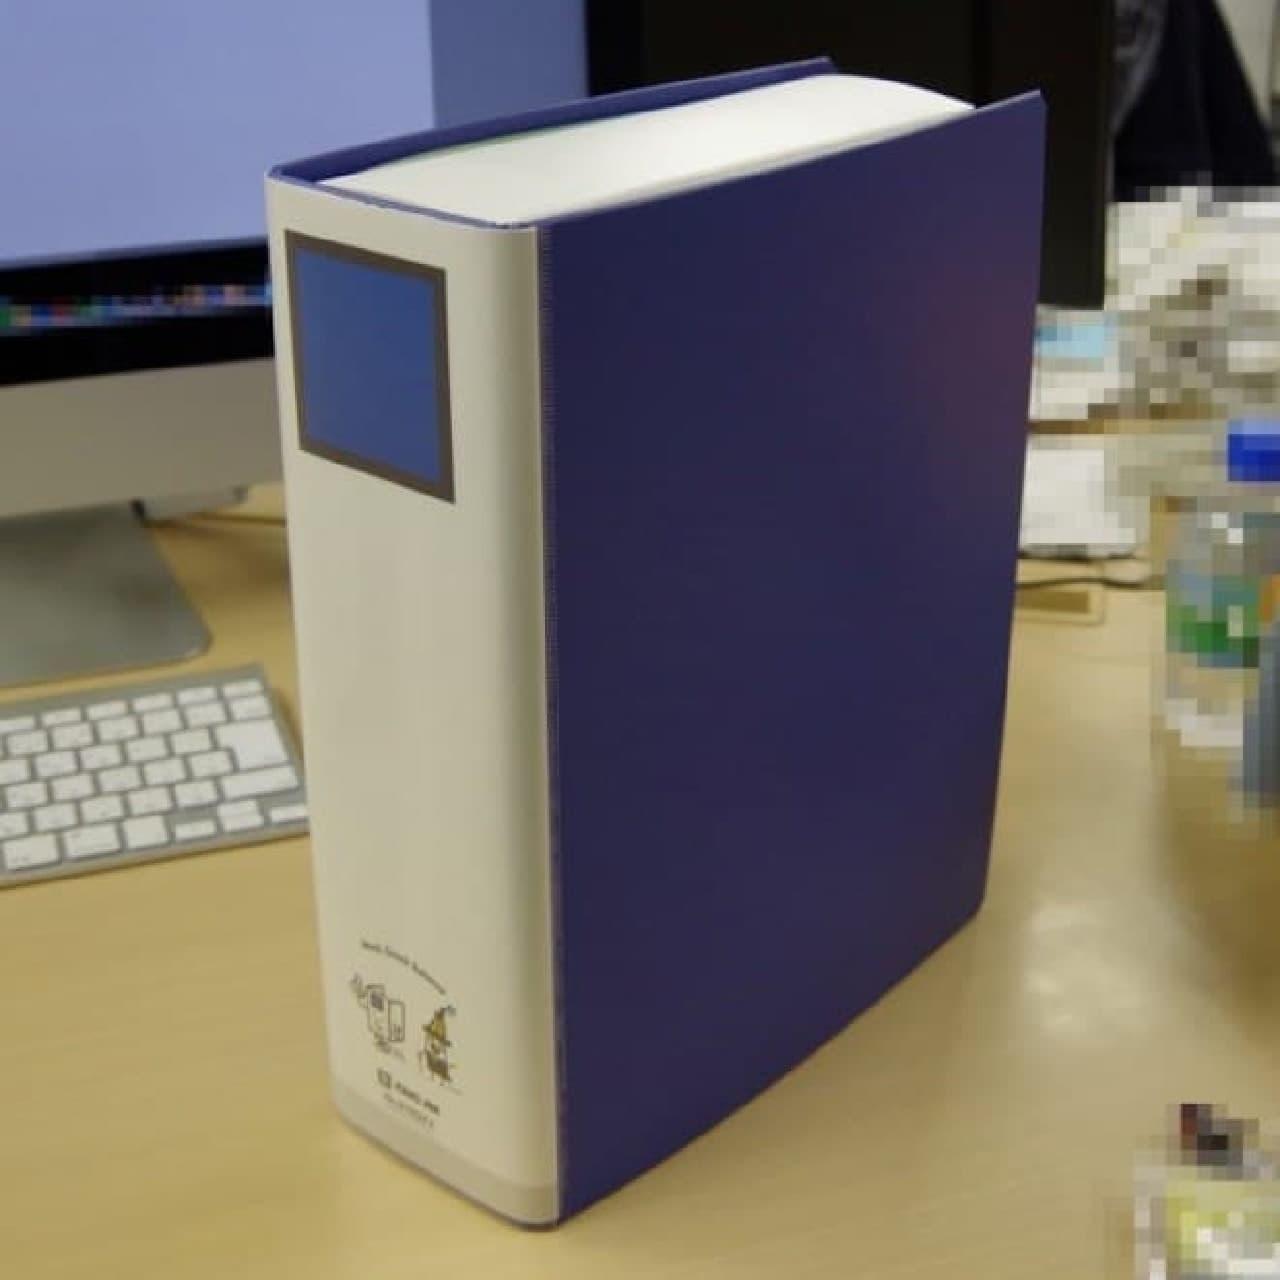 これが「ポテトチップスカモフラージュ用キングファイル」  「キングファイル」そっくり!